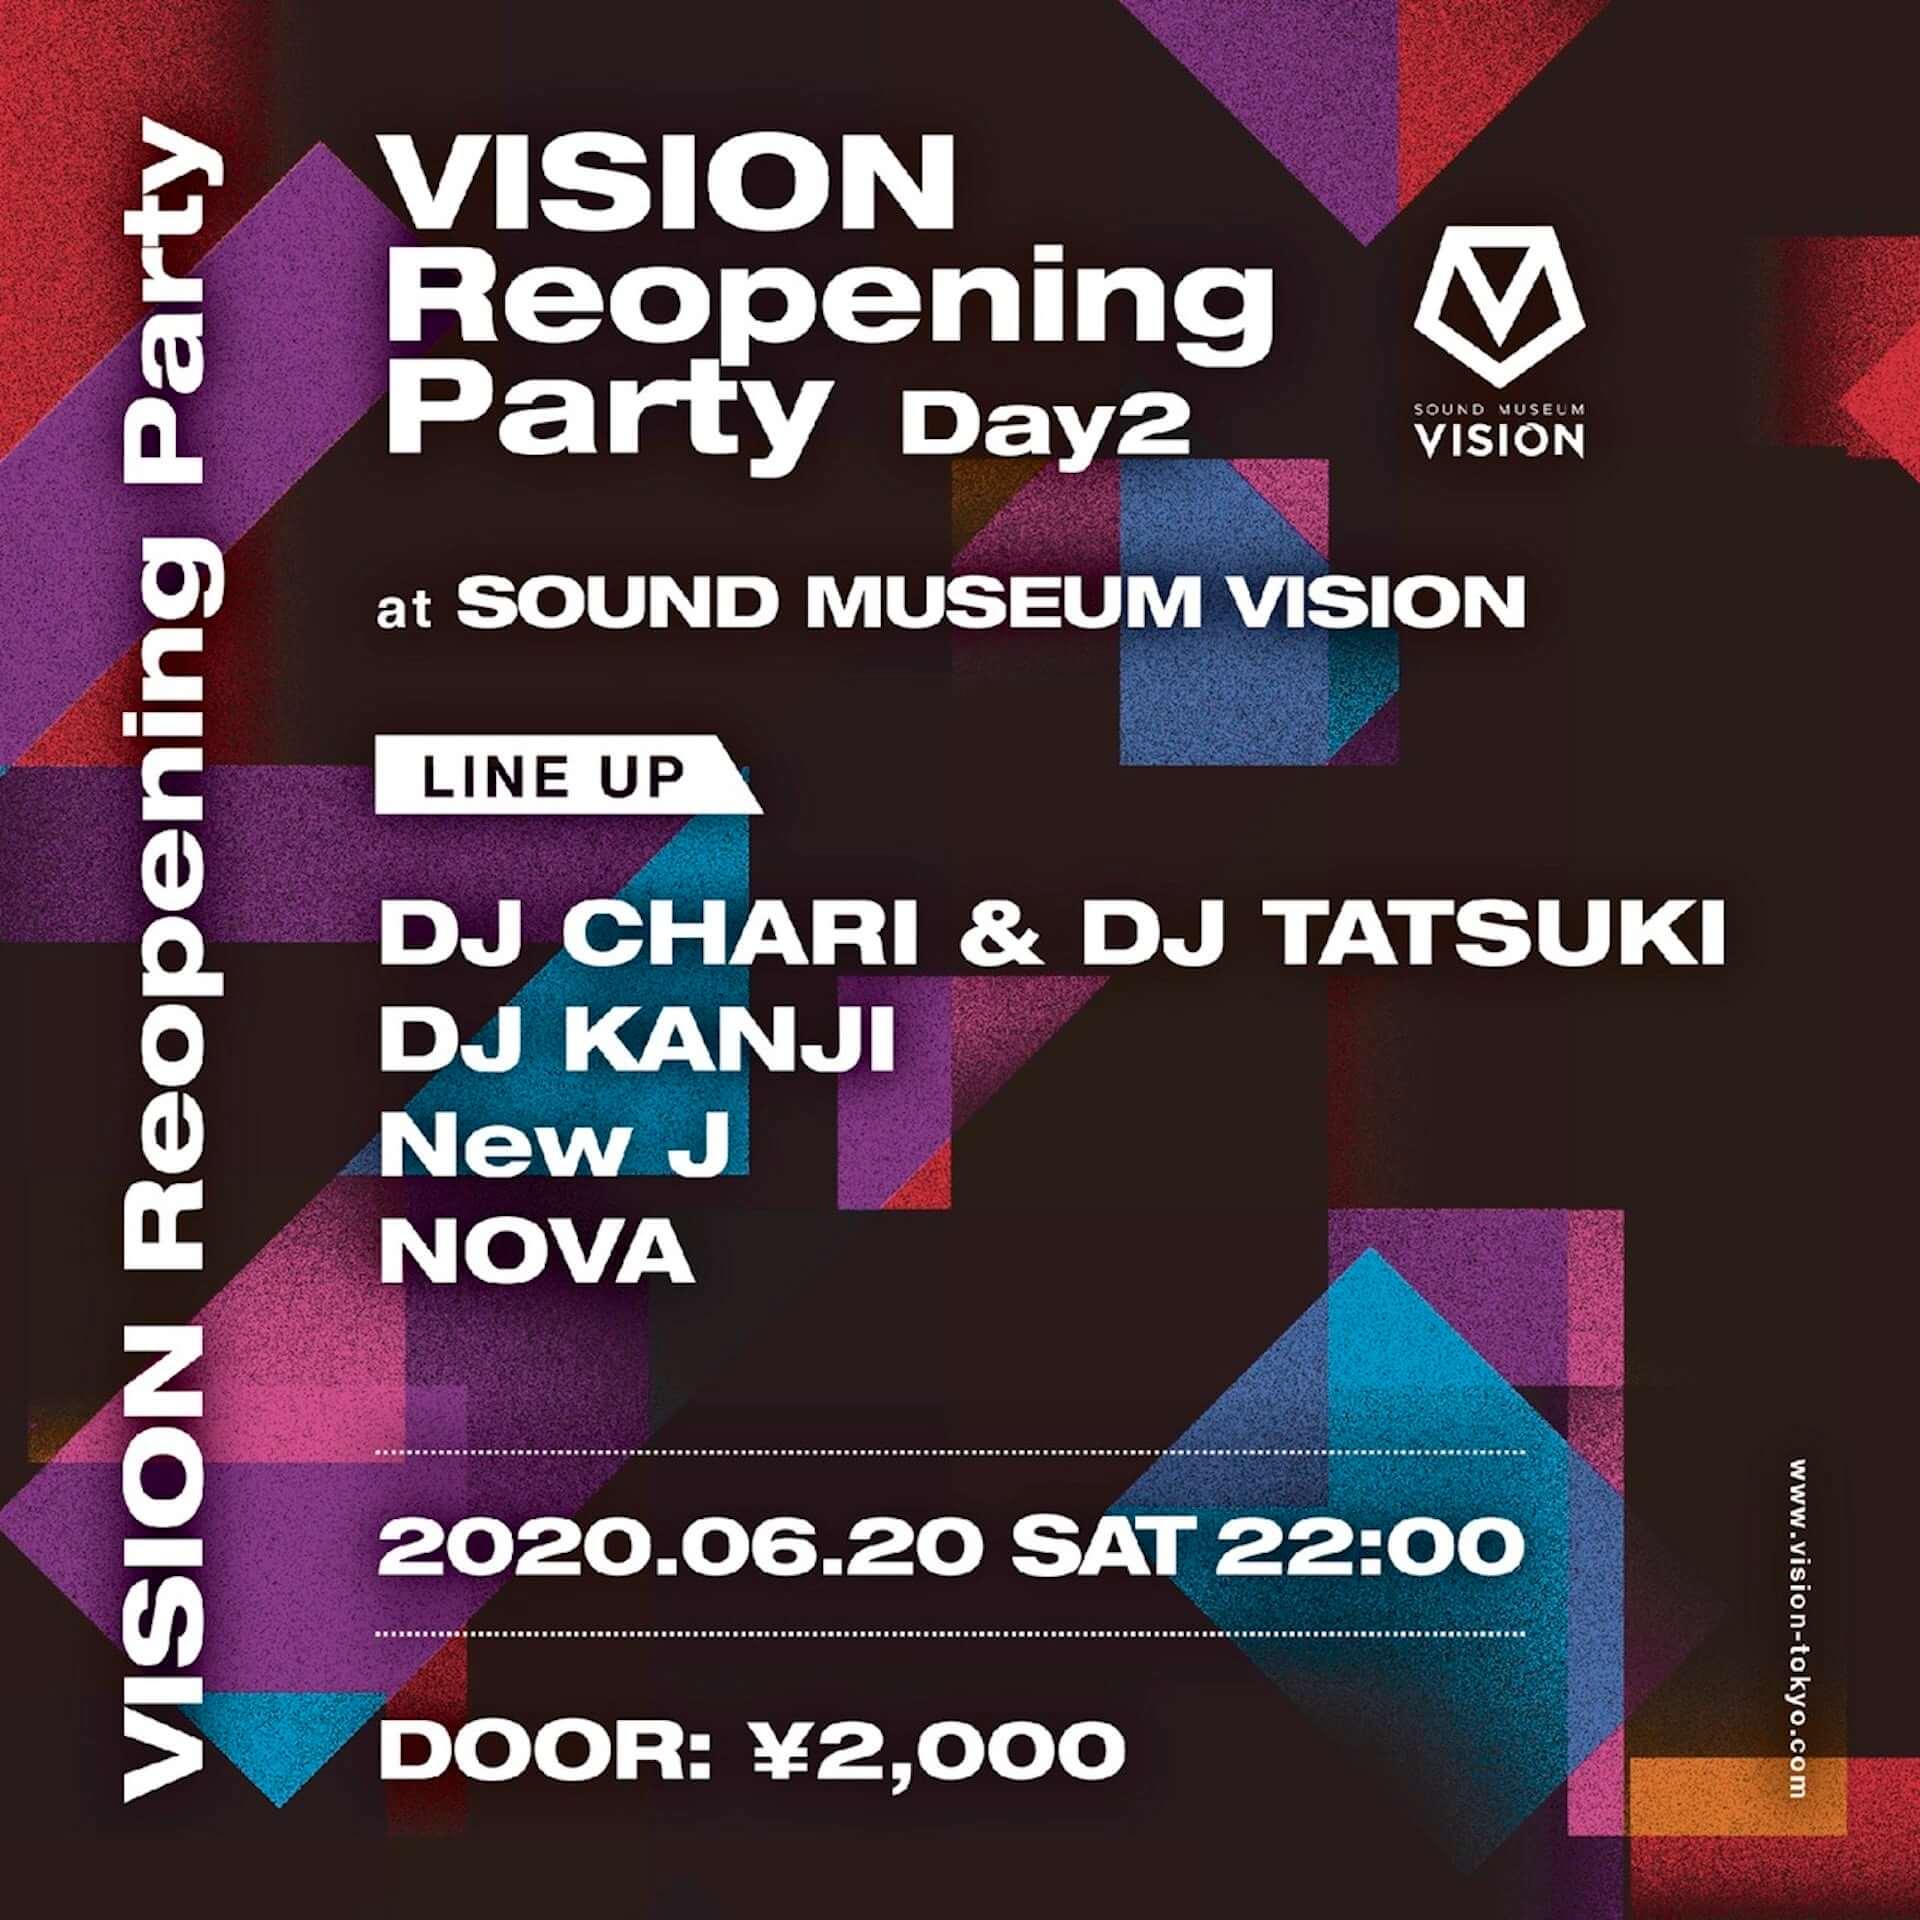 渋谷・VISIONが本日営業再開|オープニングパーティーにMARZY、DaBook、ShioriyBradshawら豪華ラインナップ music200619_vision_7-1920x1920